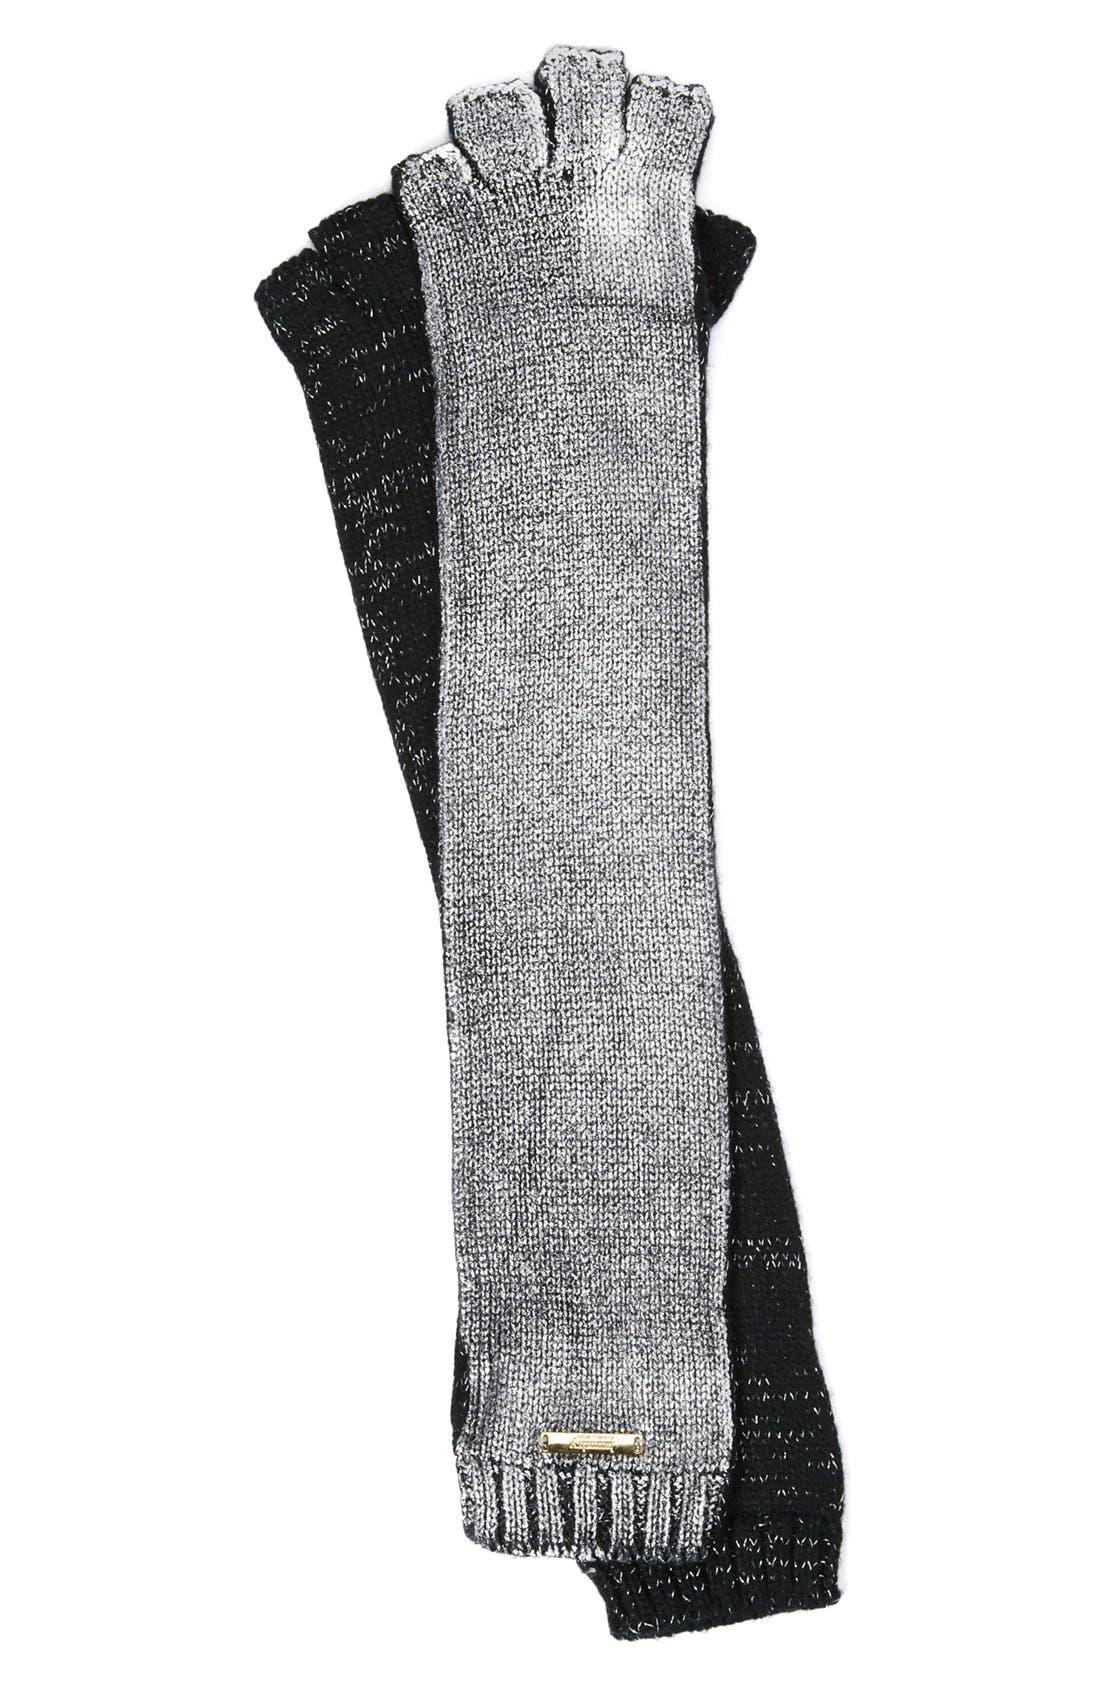 Main Image - Laundry by Shelli Segal Foil Print Fingerless Gloves